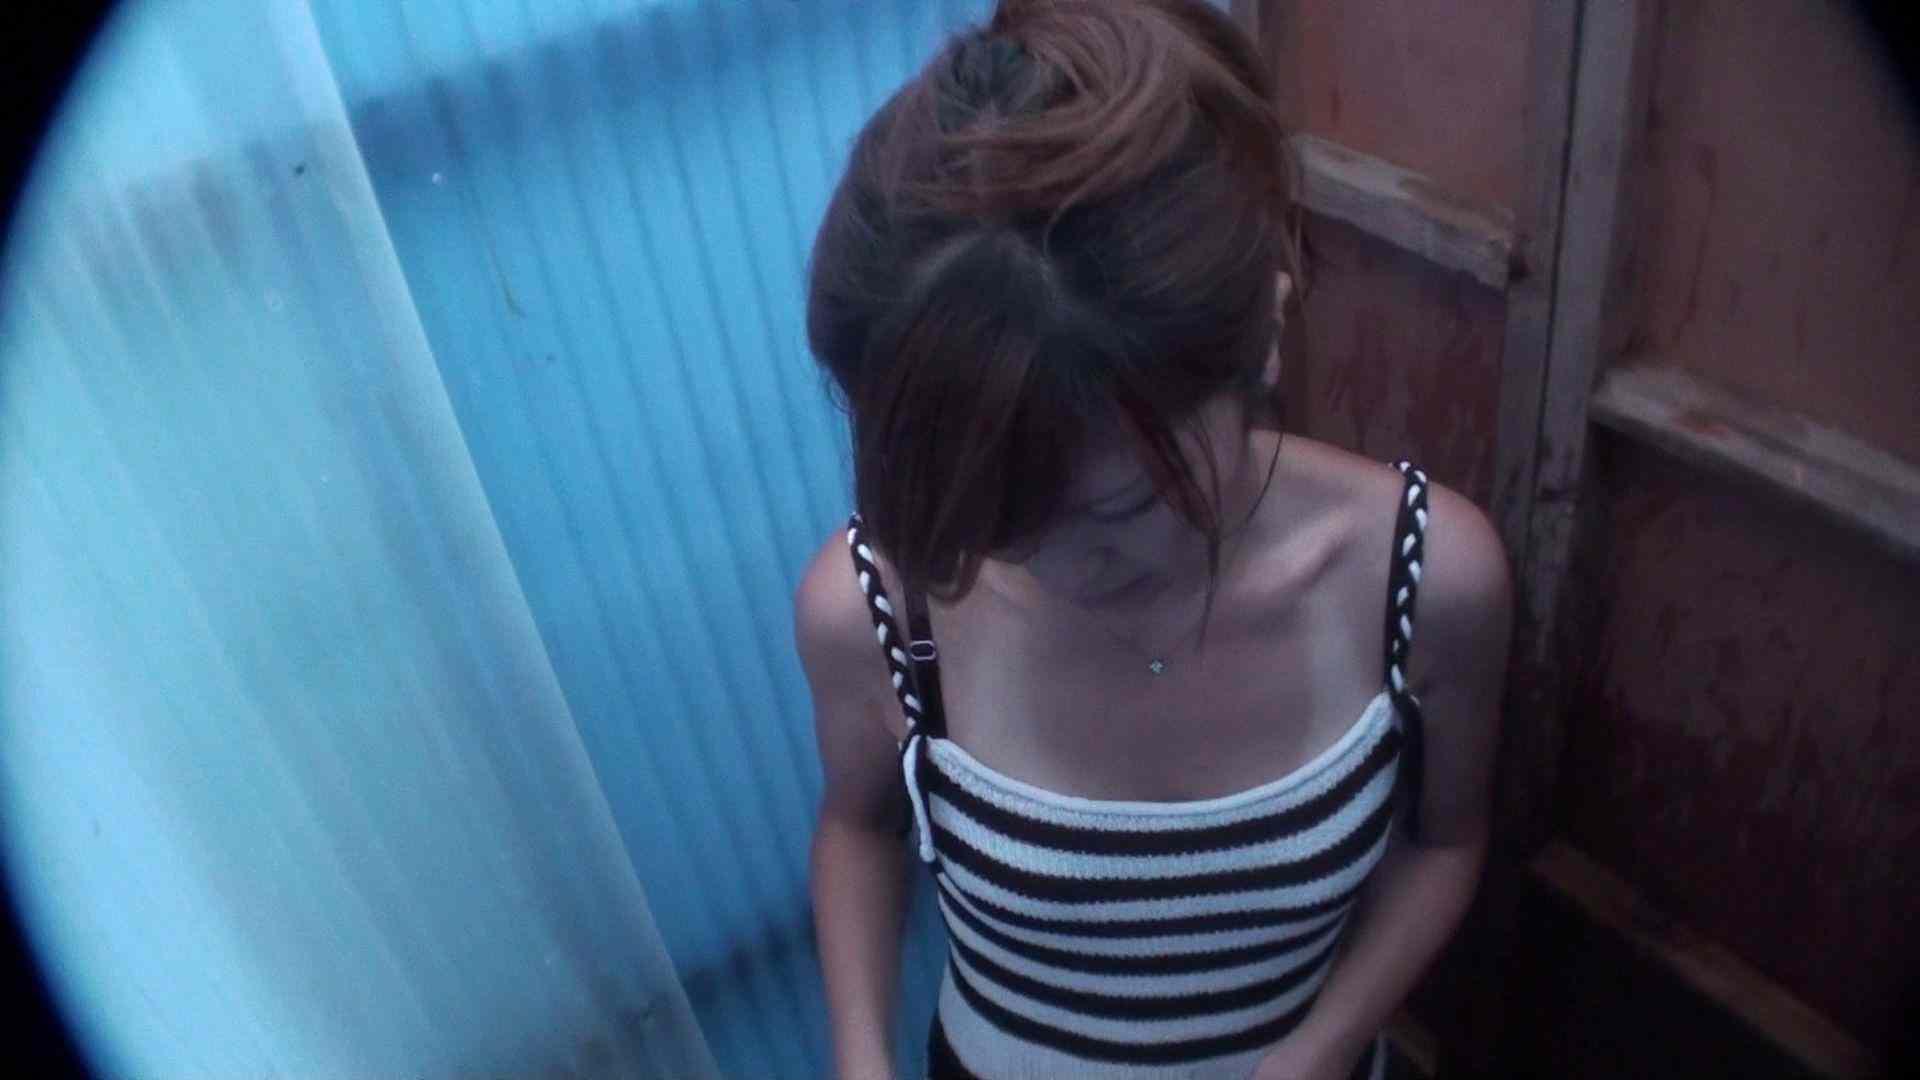 シャワールームは超!!危険な香りVol.22 オッパイに盛りが欲しい貧乳美女 高画質   美しいOLの裸体  82pic 16